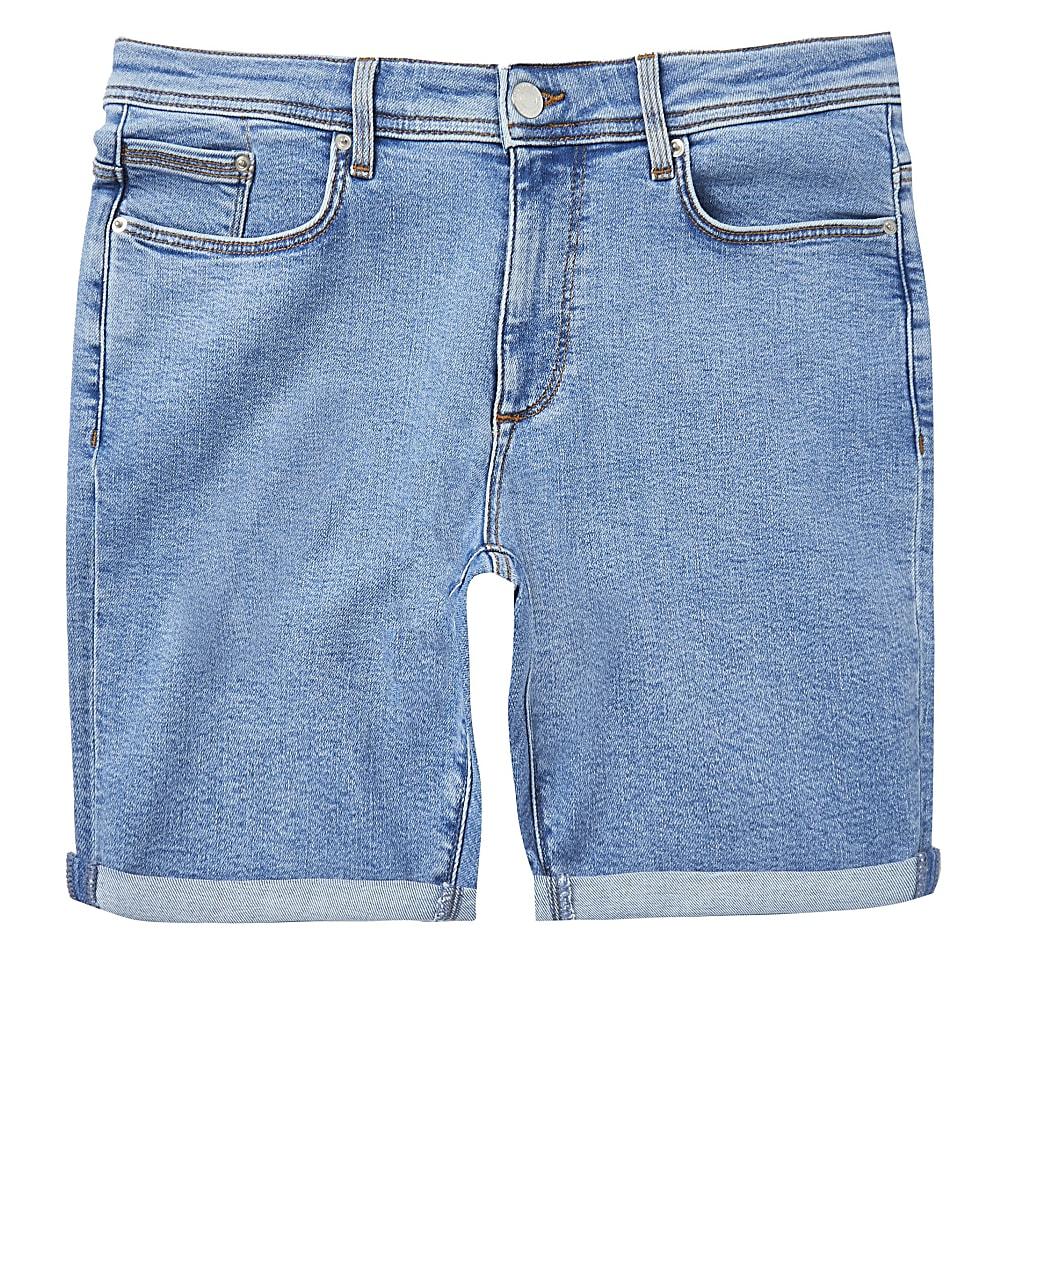 Big & Tall blue skinny fit shorts